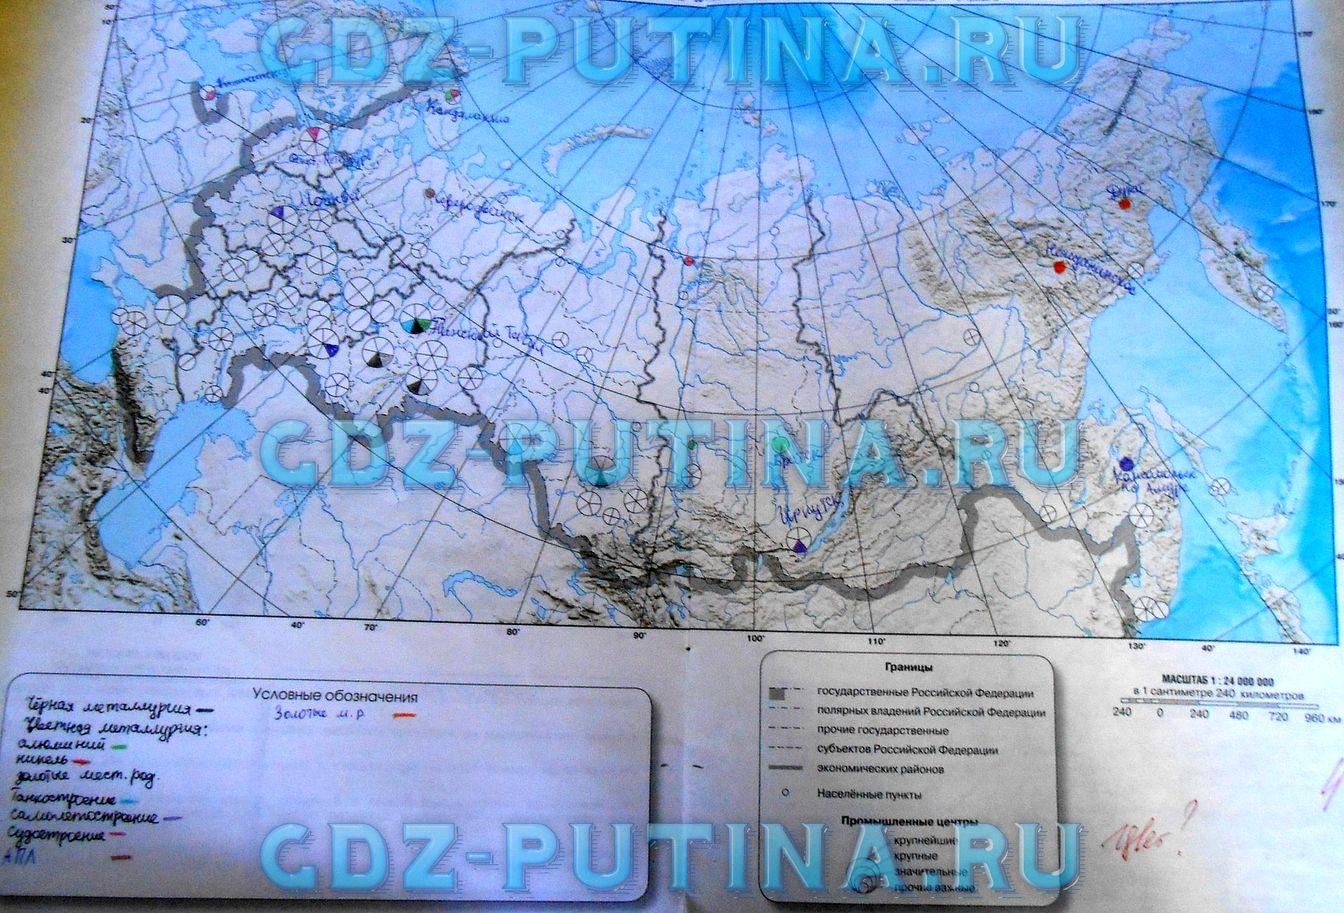 География сферы 6 класс контурные карты ответы